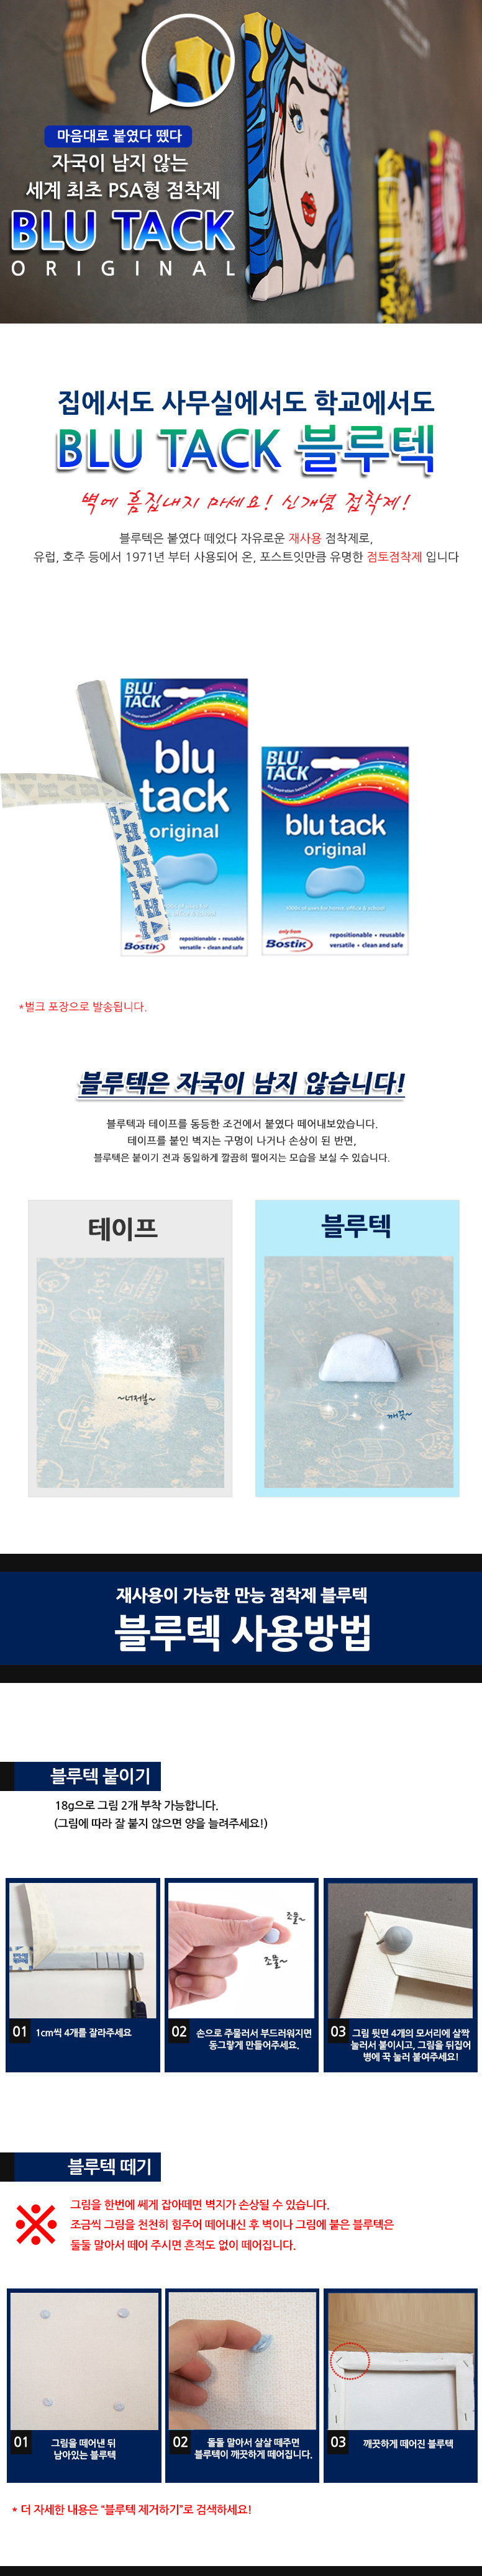 DIY 명화그리기 보태니컬&플라밍고 시리즈 -  40cmX50cm - 와이엔지글로벌, 14,800원, DIY그리기, 명화/풍경 그리기